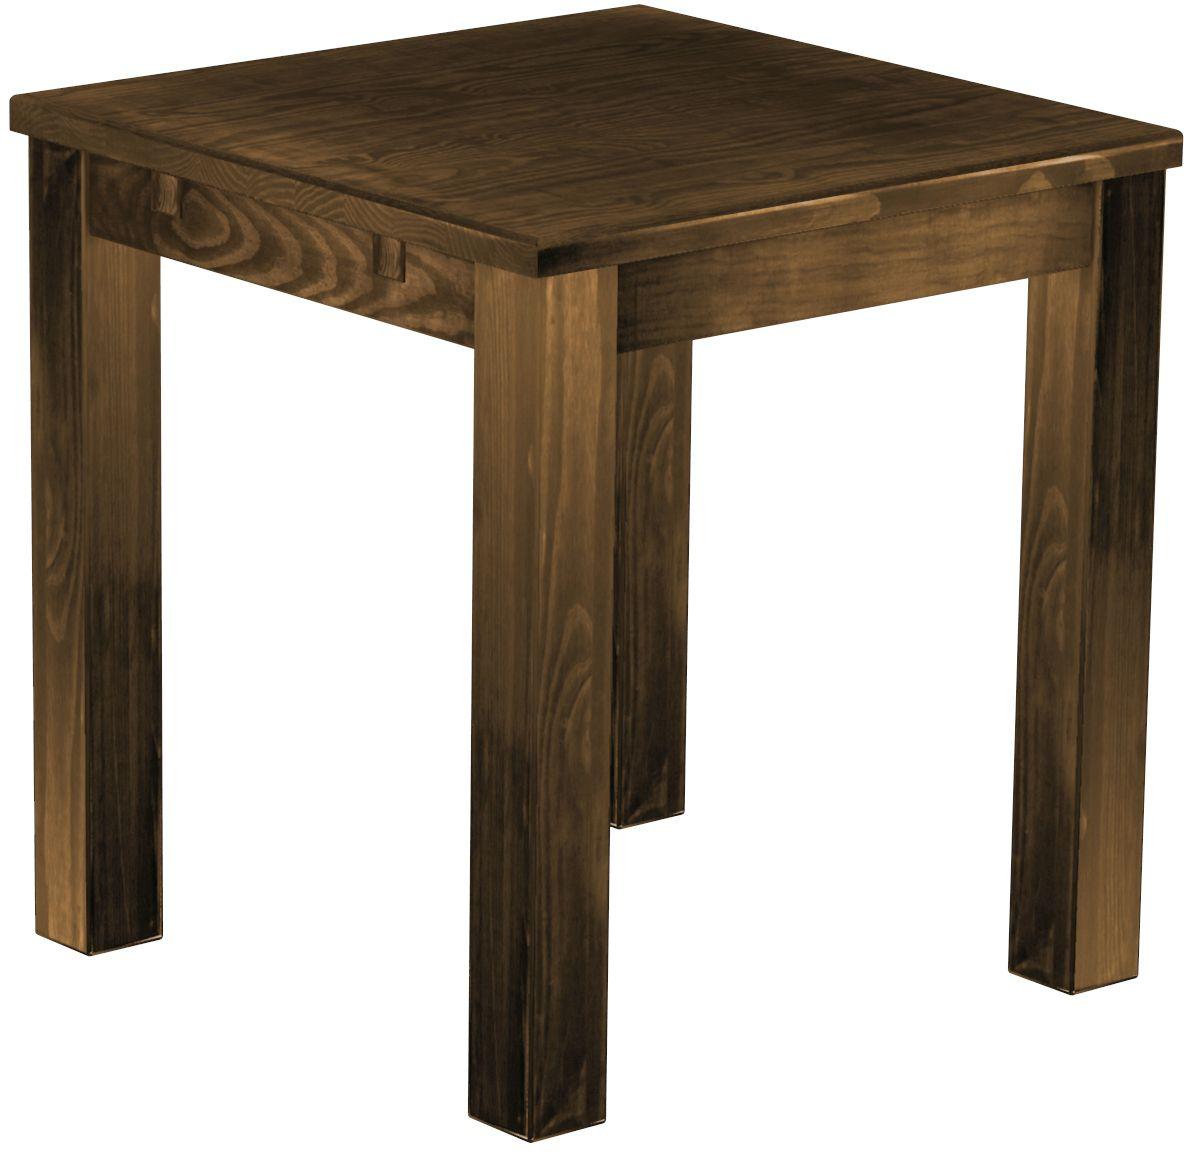 Esstisch nussbaum massiv antik  Tisch 73x73 Eiche Antik